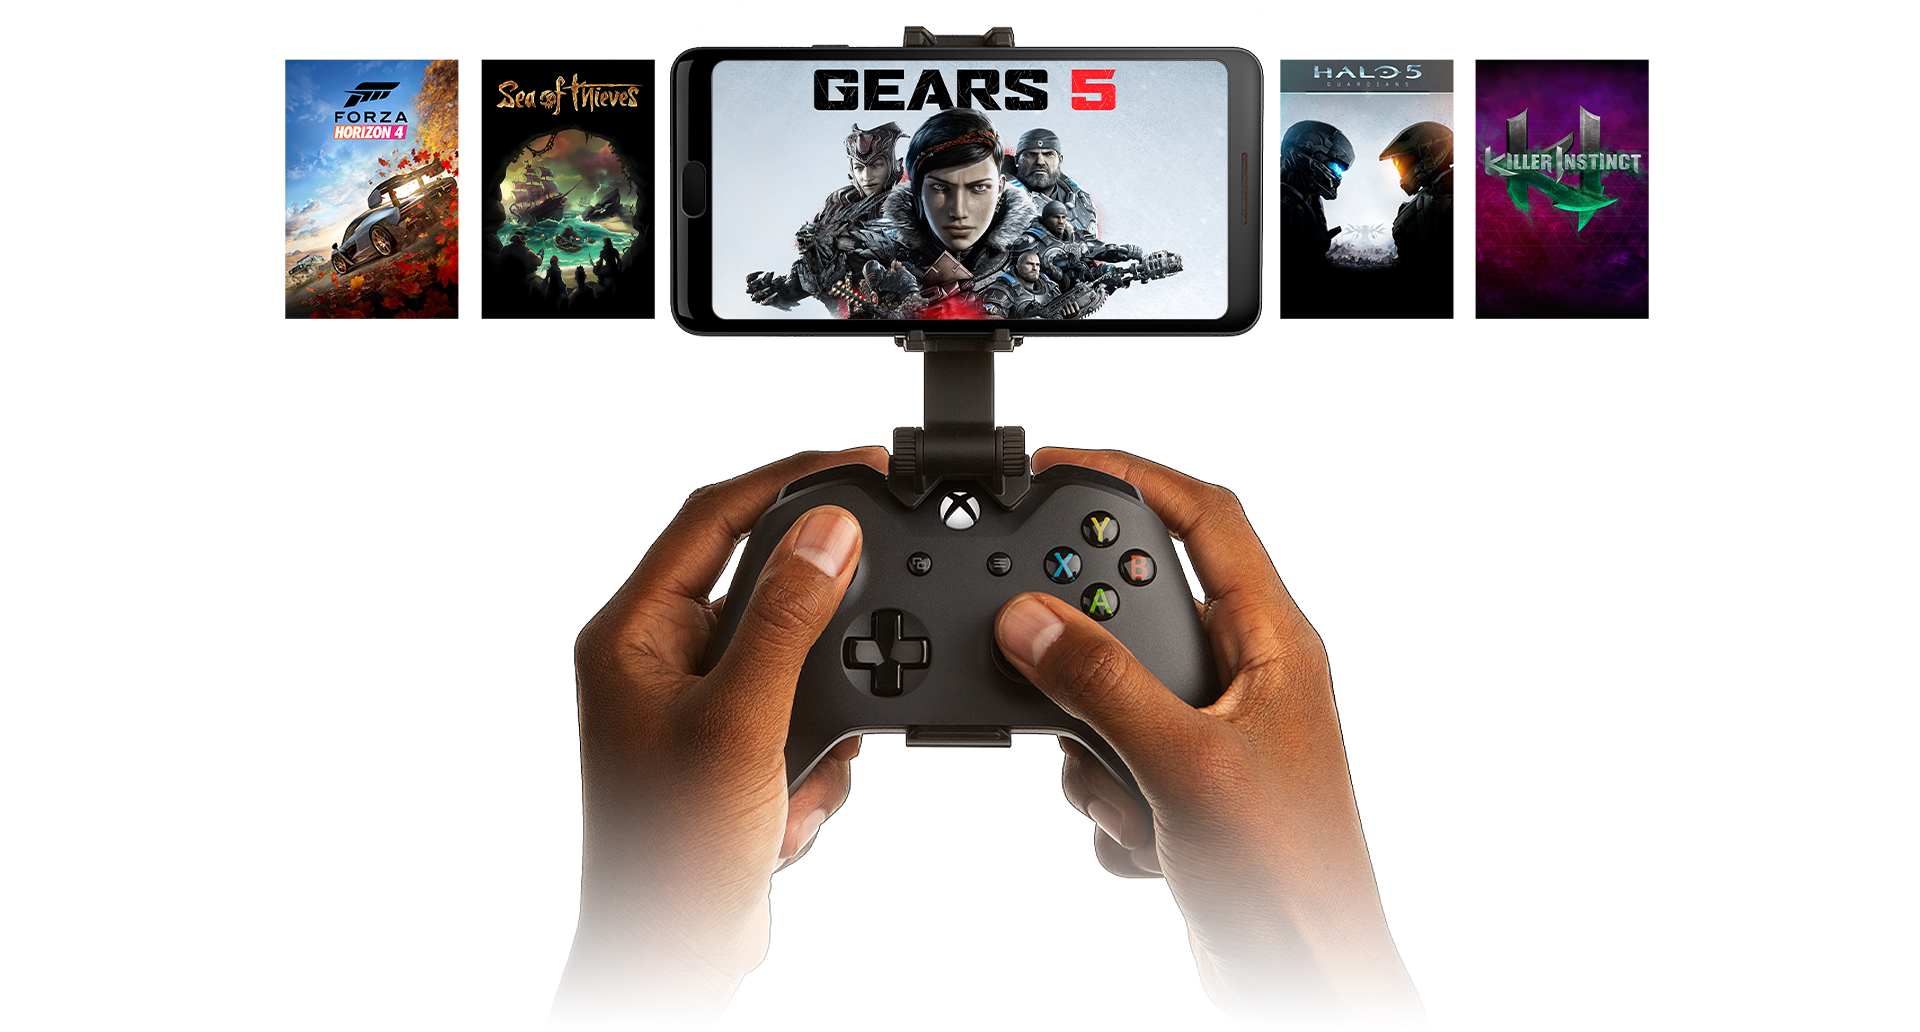 Ruce držící ovladač připnutý k telefonu se zobrazenou hrou Gears 5, další hry jsou zobrazené na pozadí